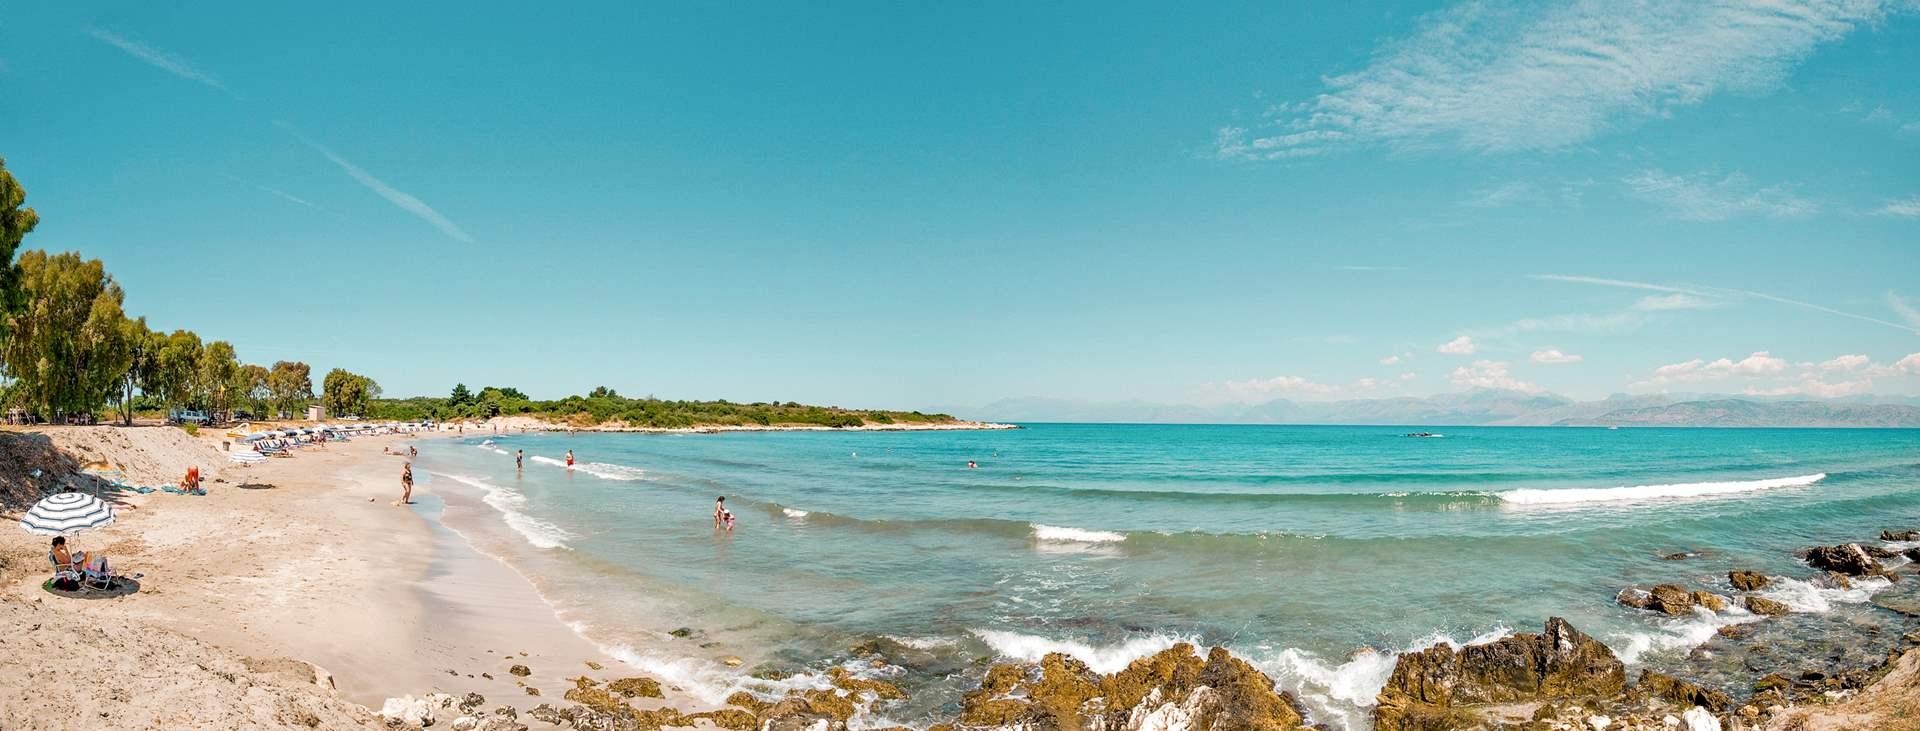 Boka din resa till Acharavi på Korfu med Ving